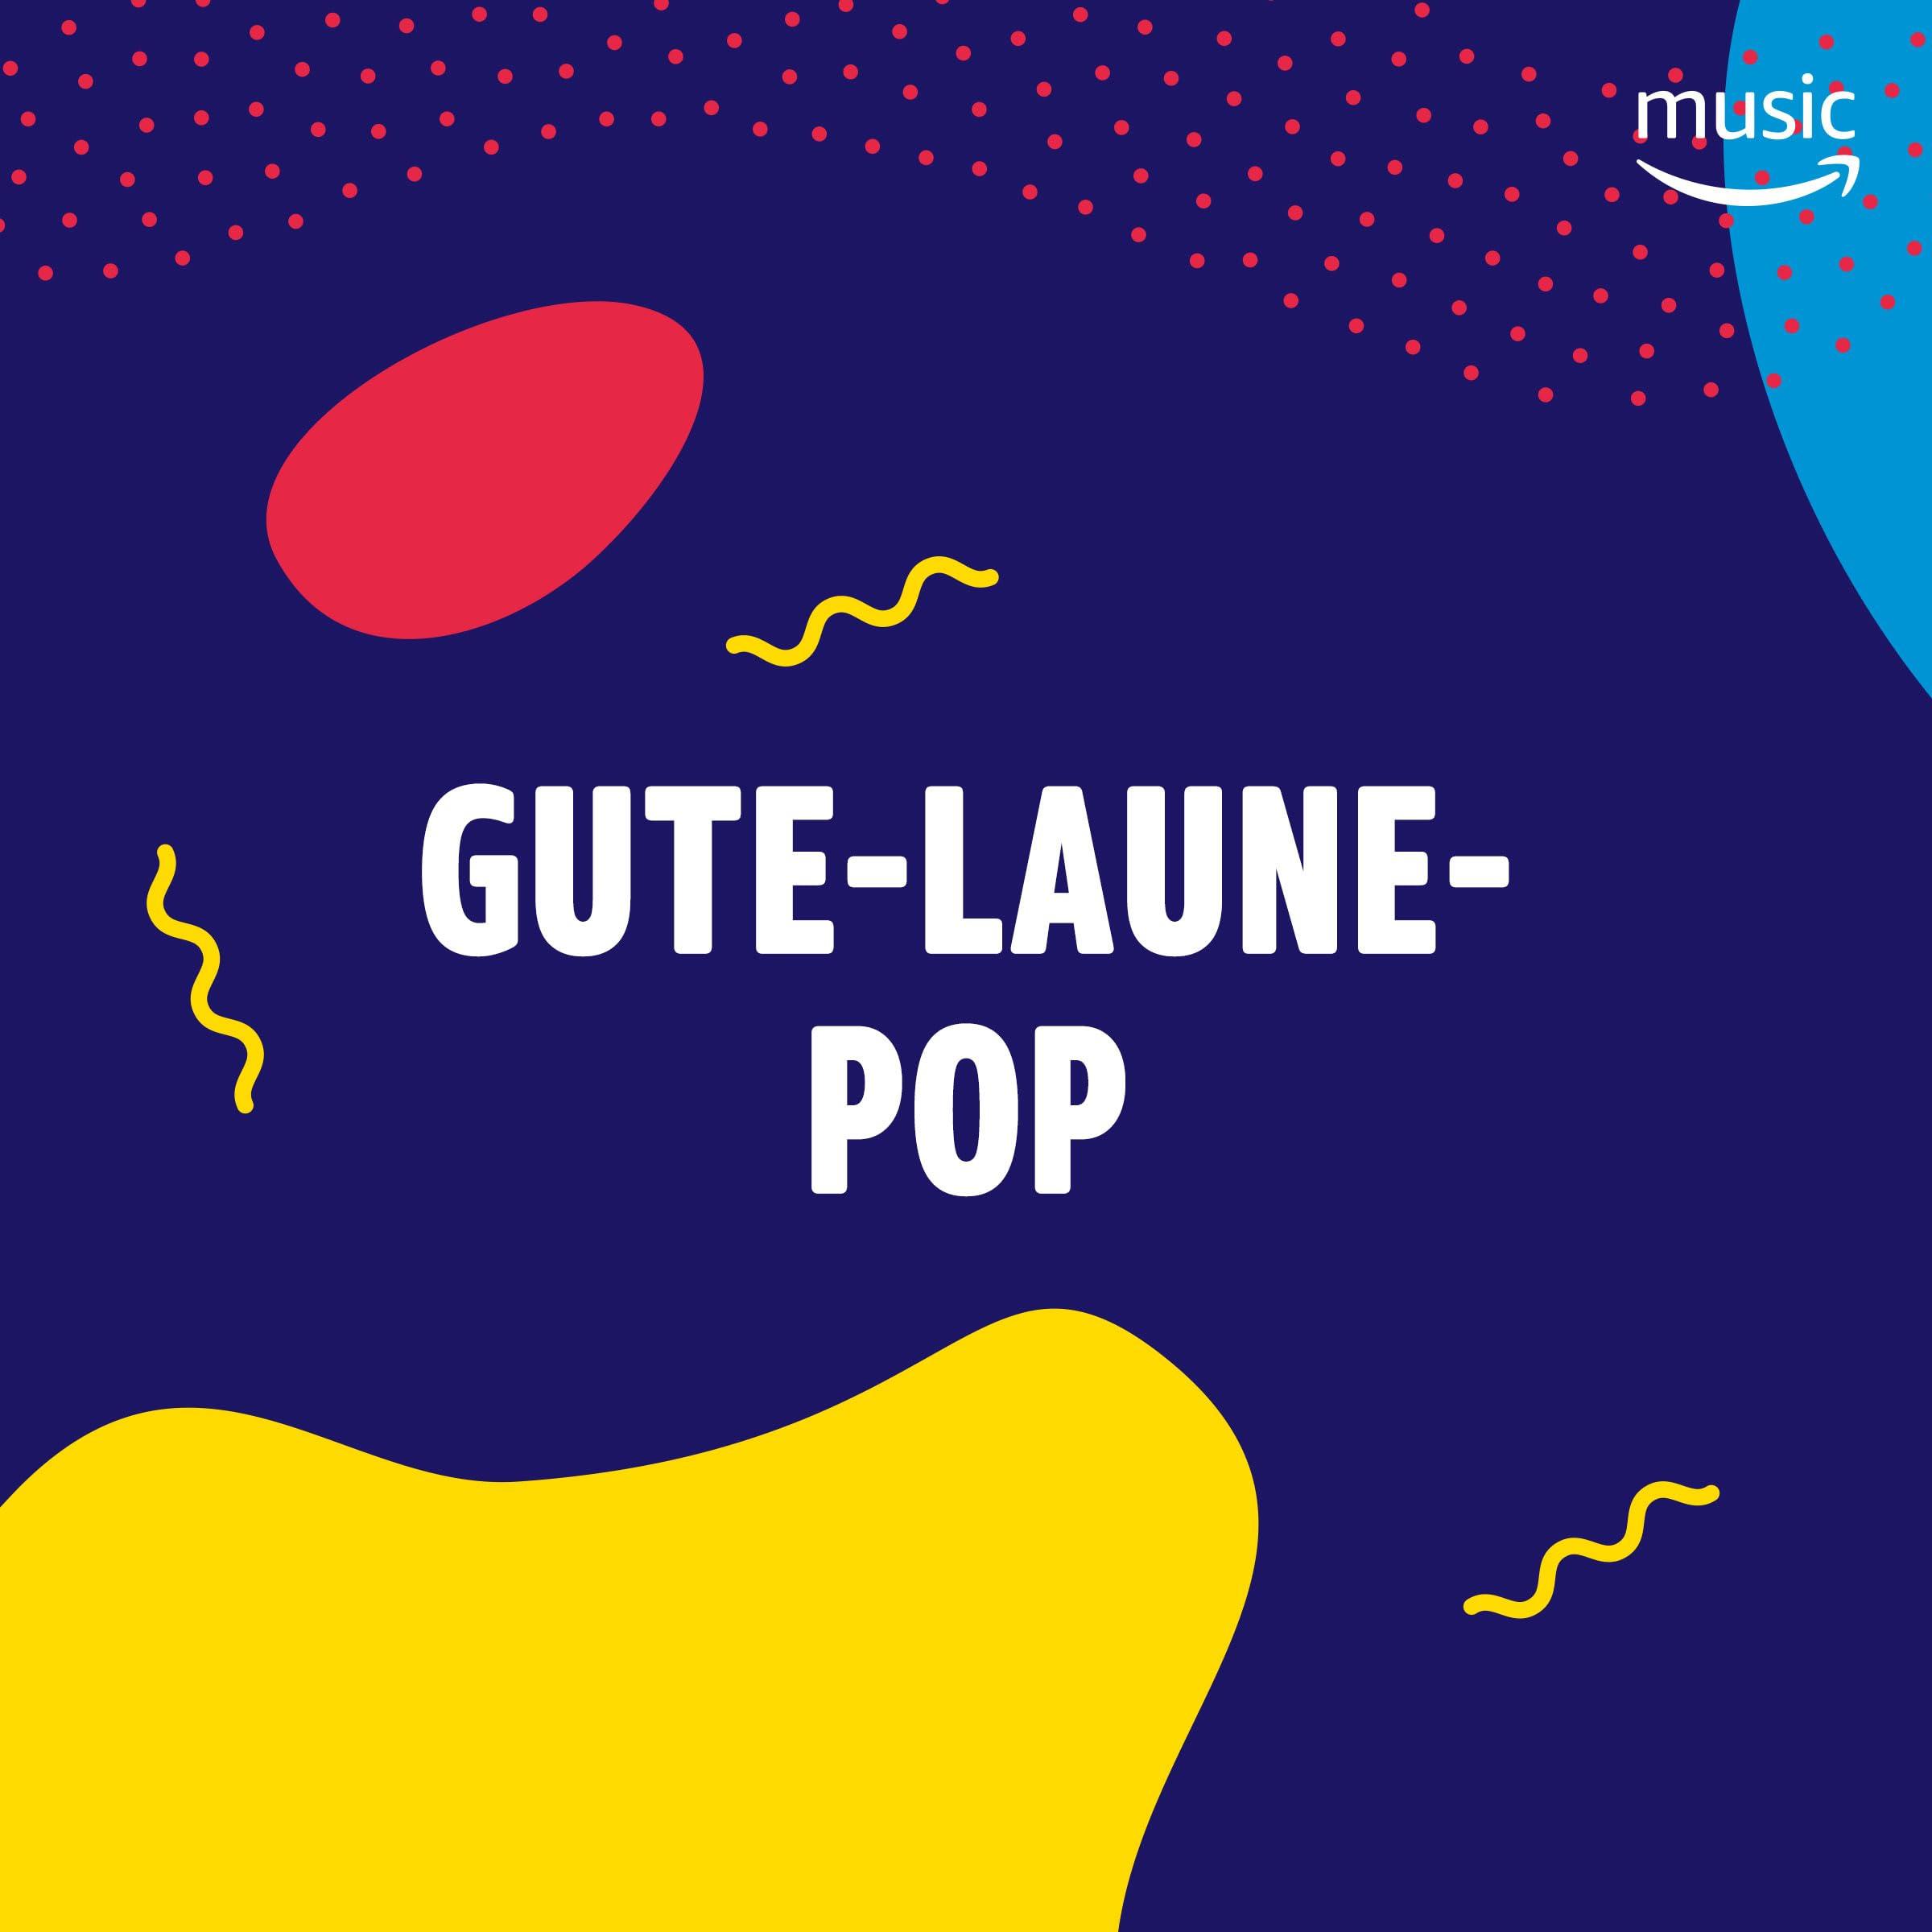 Gute-Laune-Pop